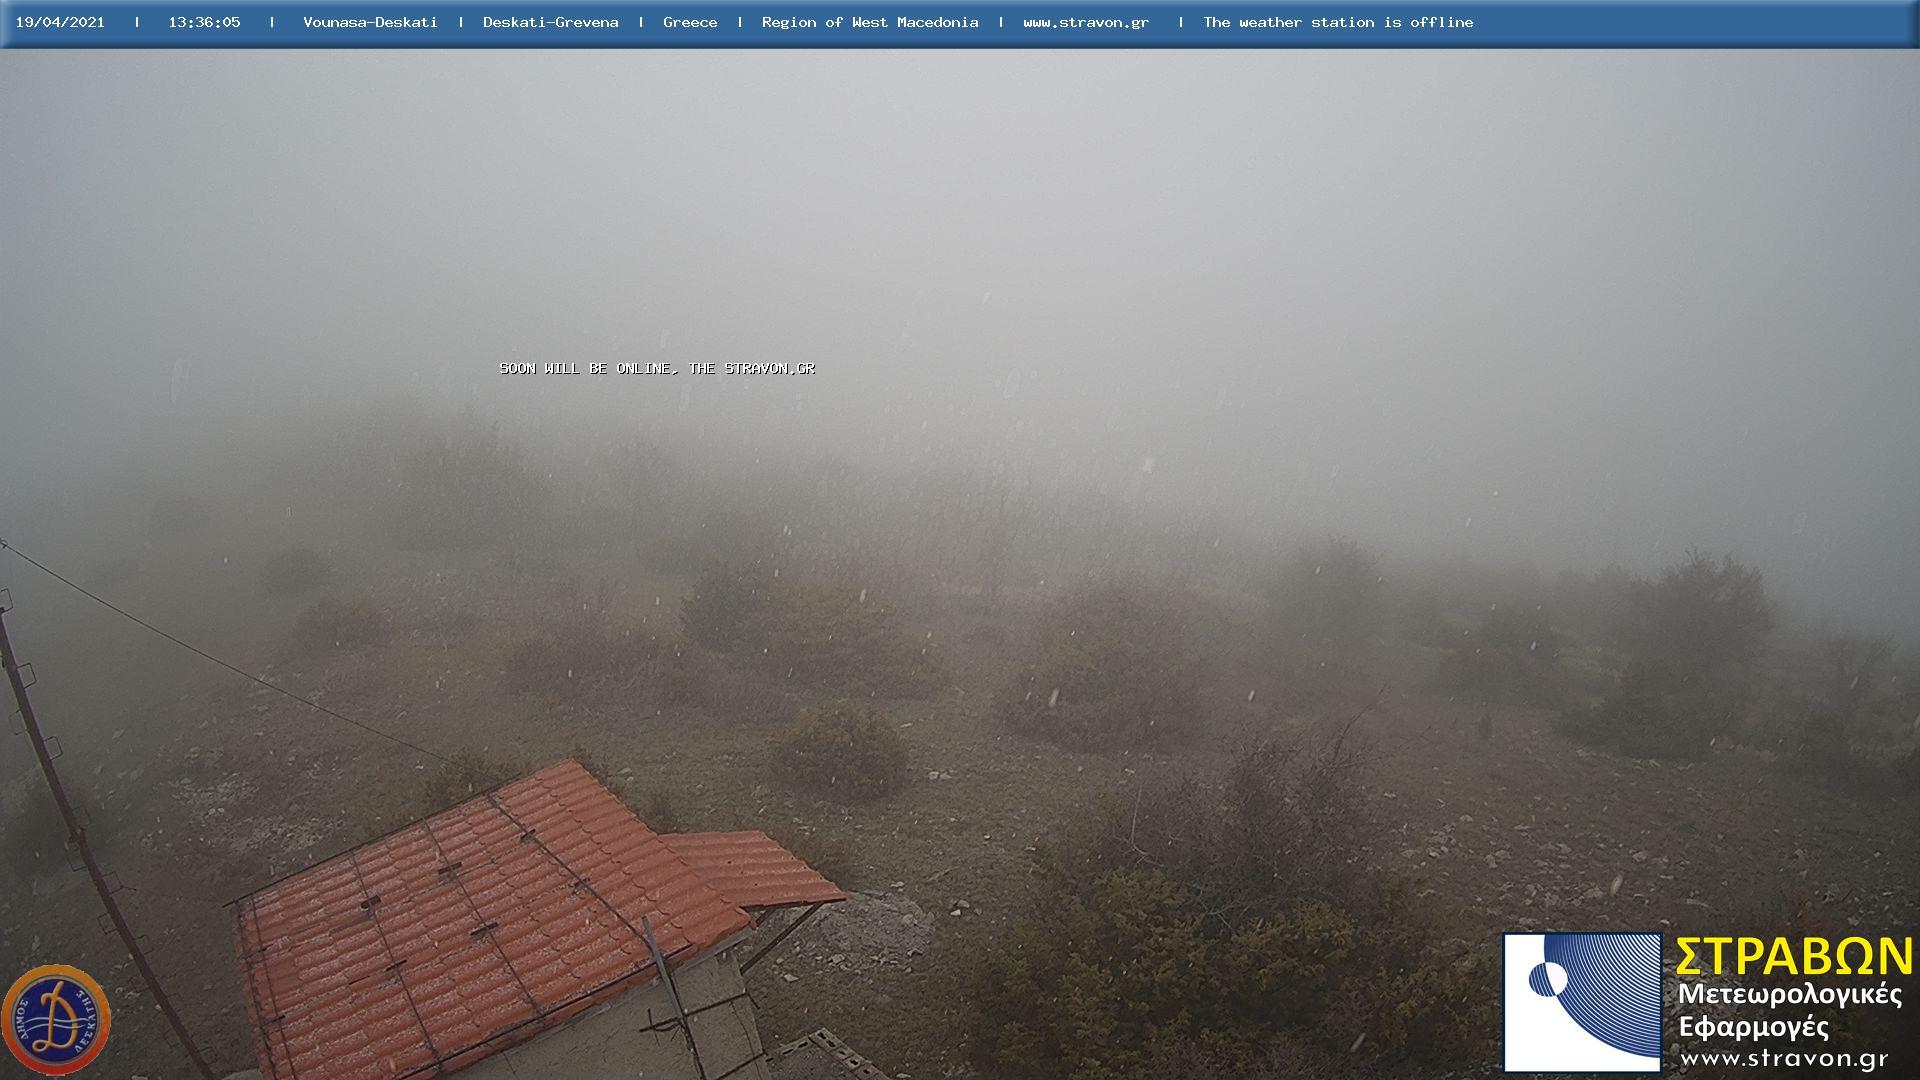 http://stravon.gr/meteocams/vounasa-SE/